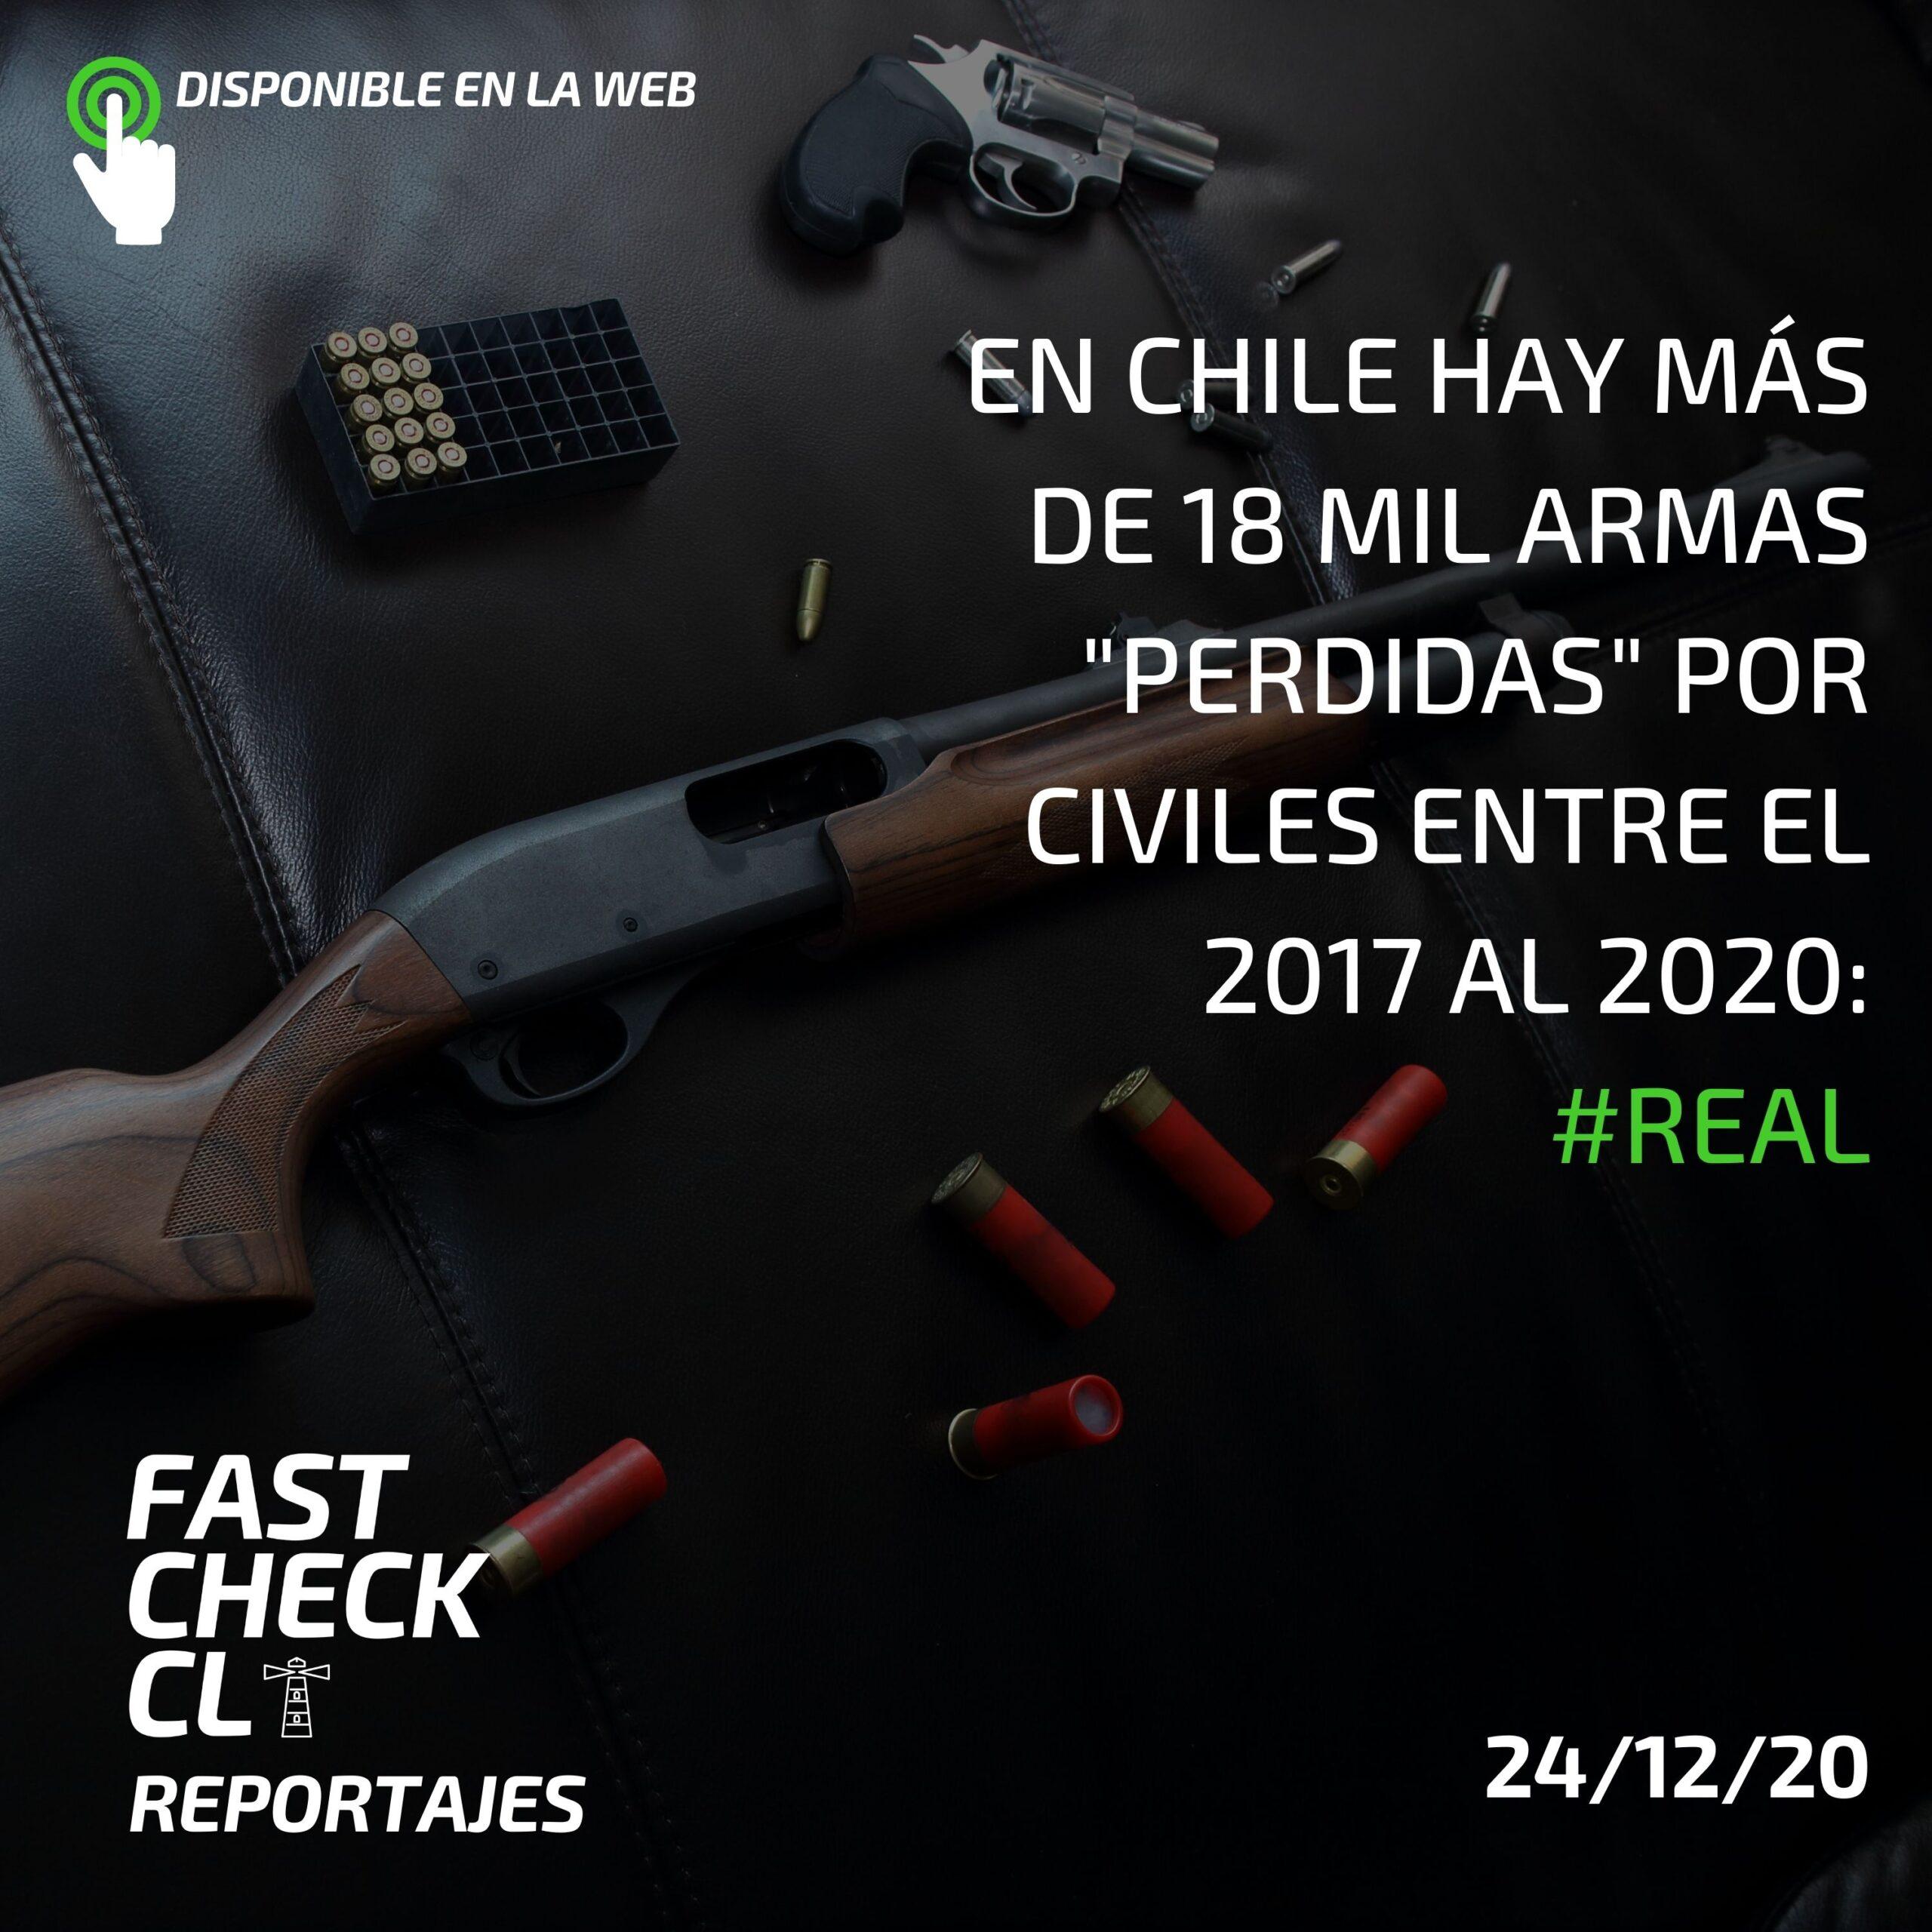 """En Chile hay más de 18 mil armas """"perdidas"""" por civiles entre el 2017 al 2020: #Real"""